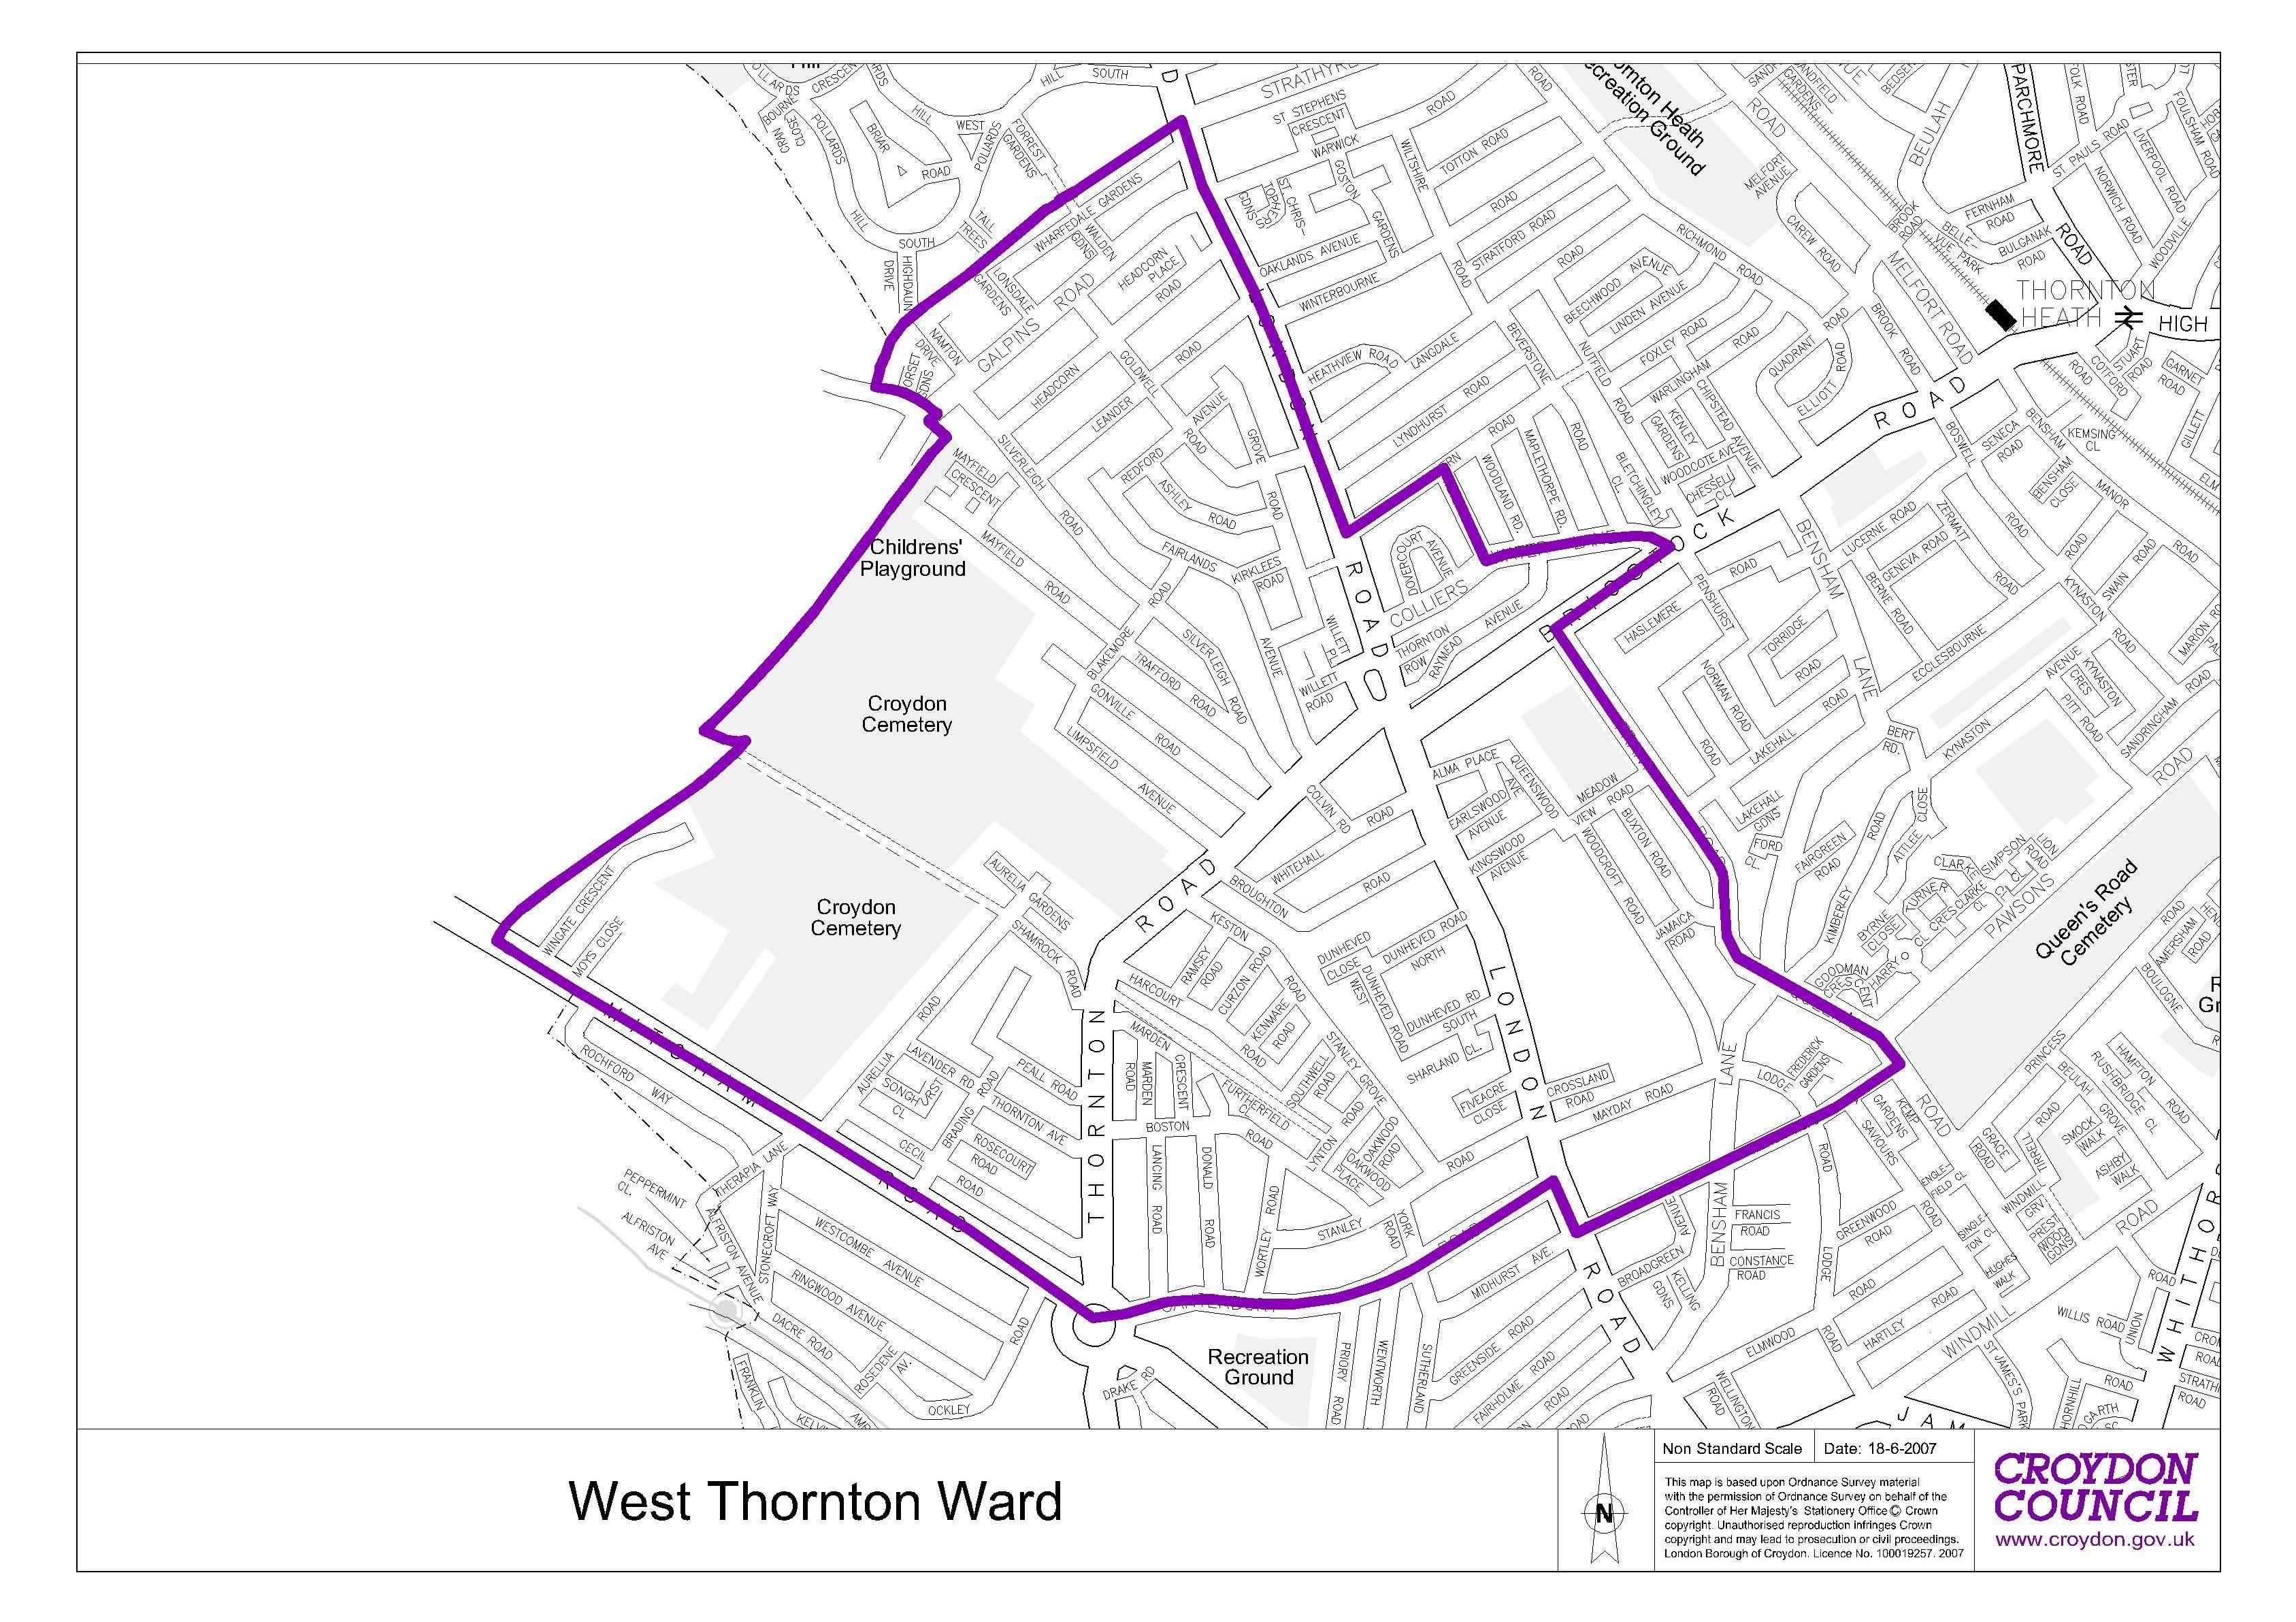 westthornton_ward_map